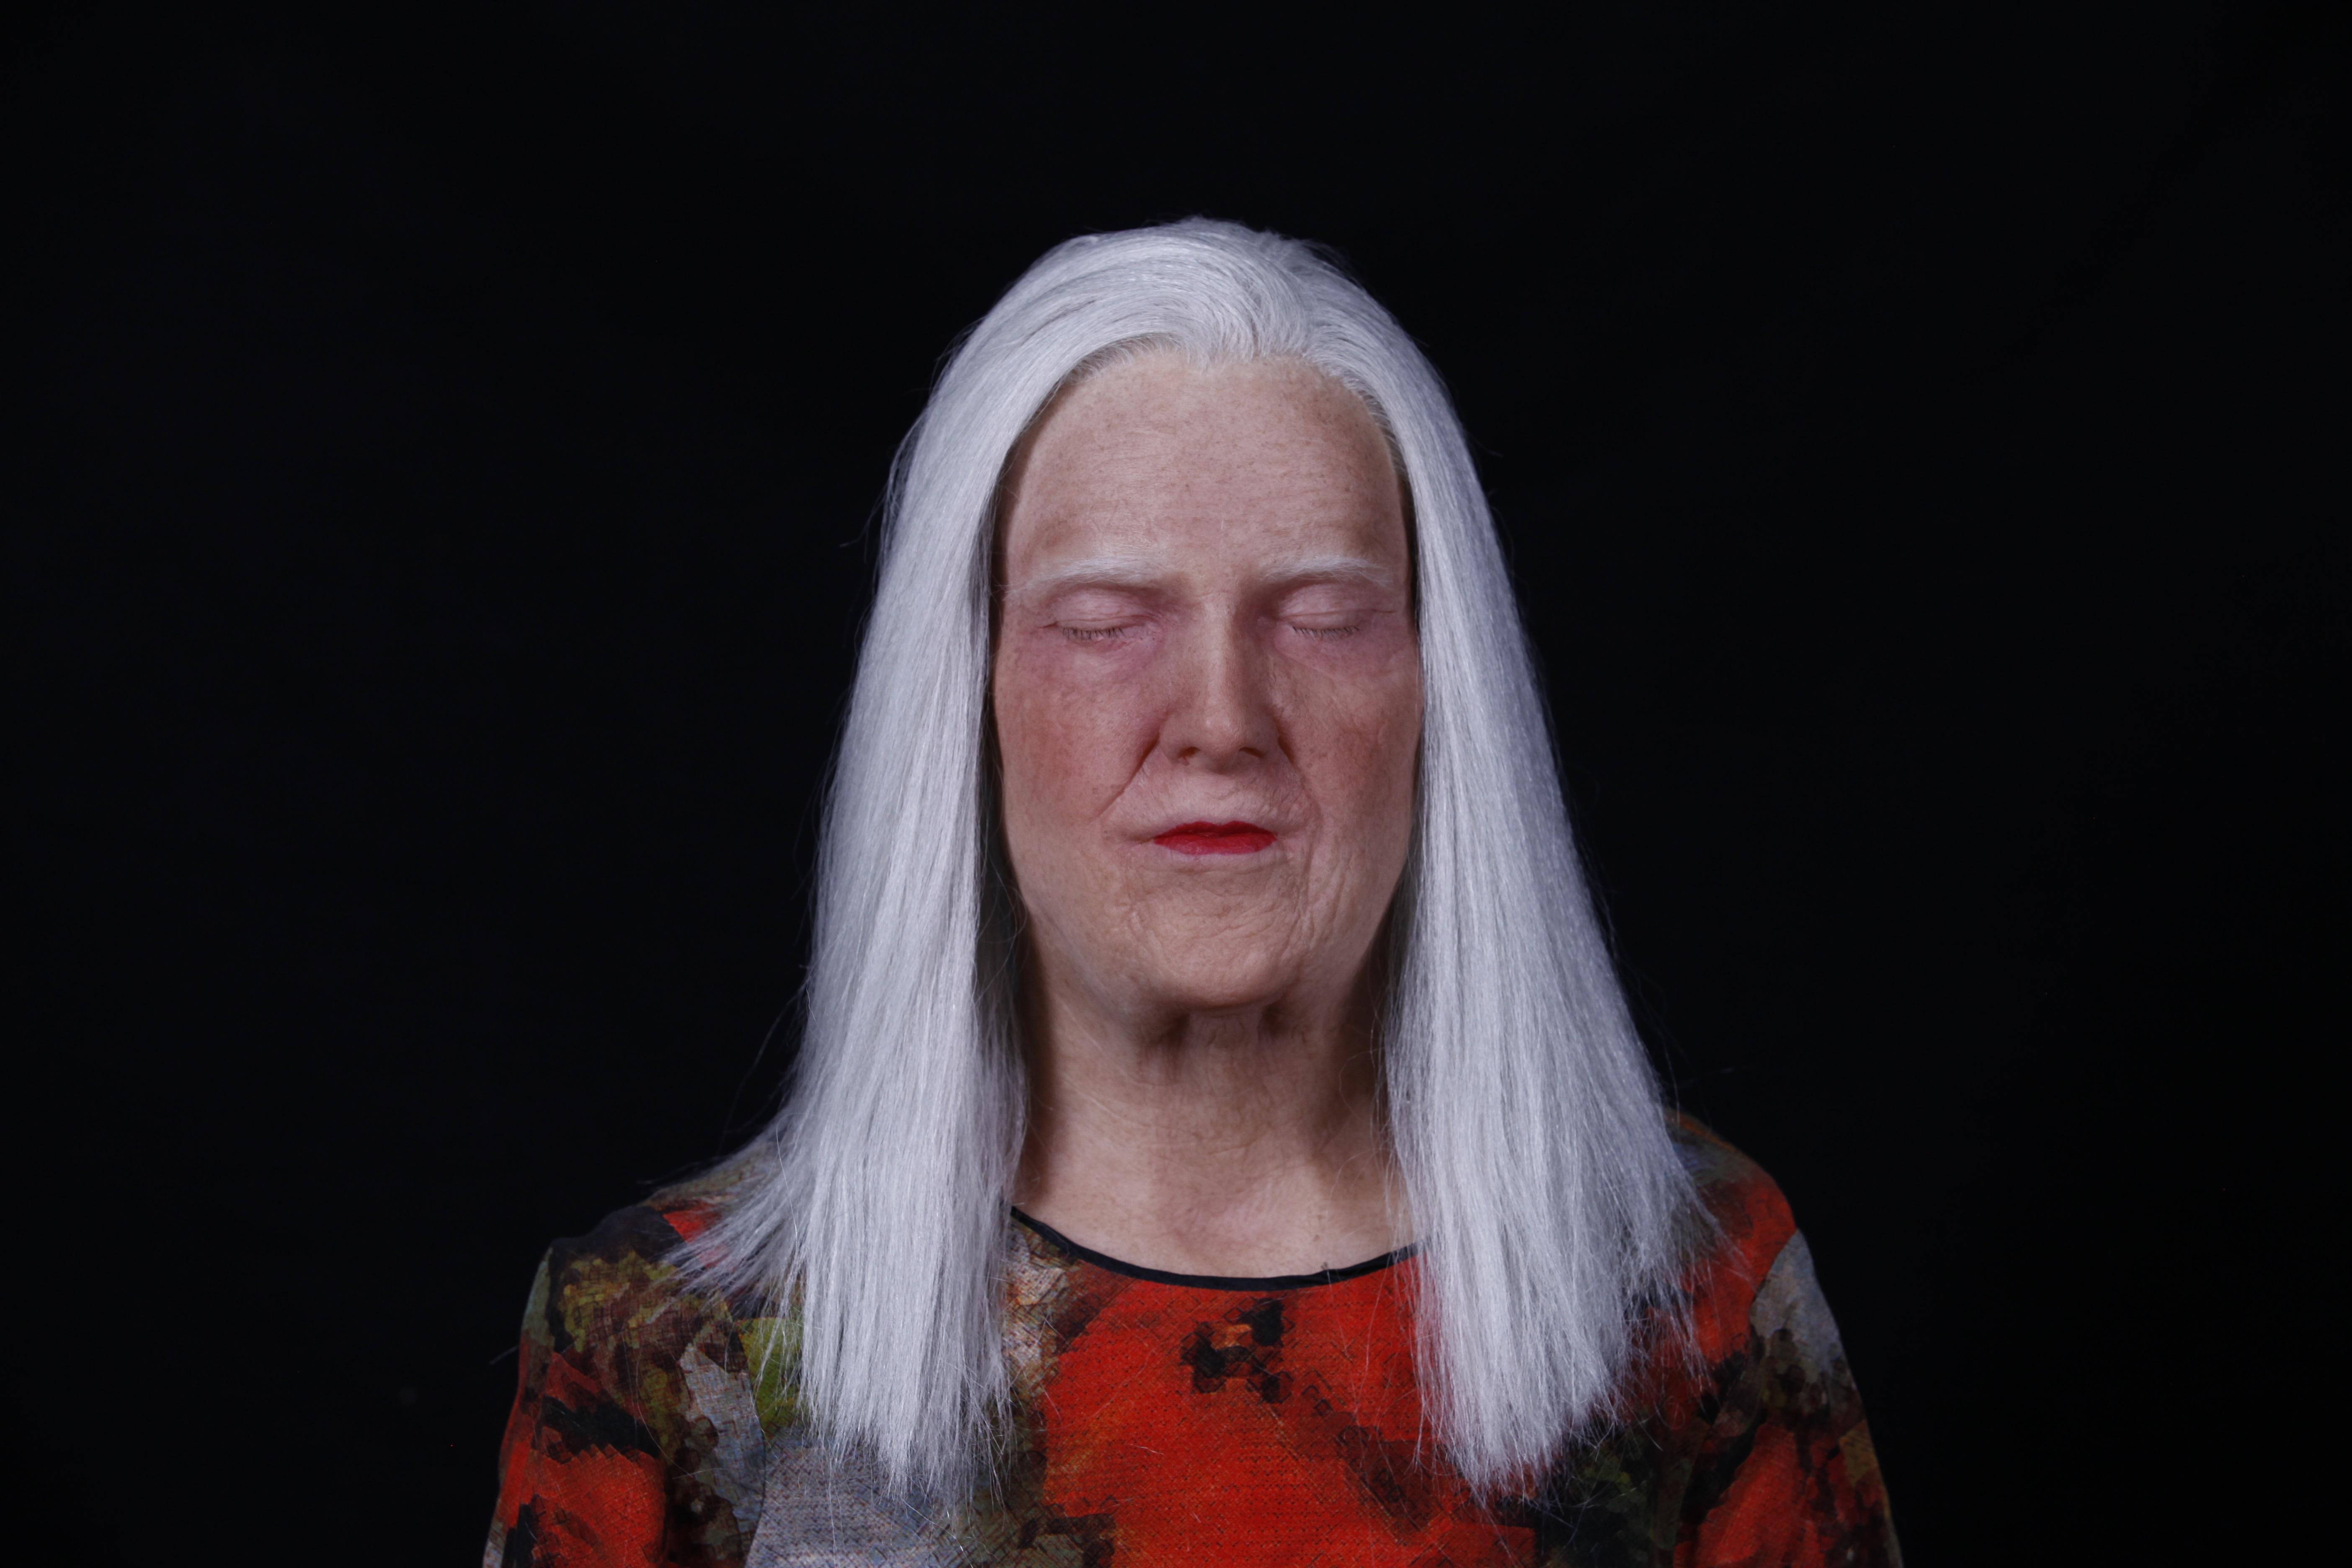 Westerdals Institutt for Film og Medier - Hva må jeg endre anatomisk for å gjøre en ung mann om til en gammel kvinne ved hjelp av silikon proteser